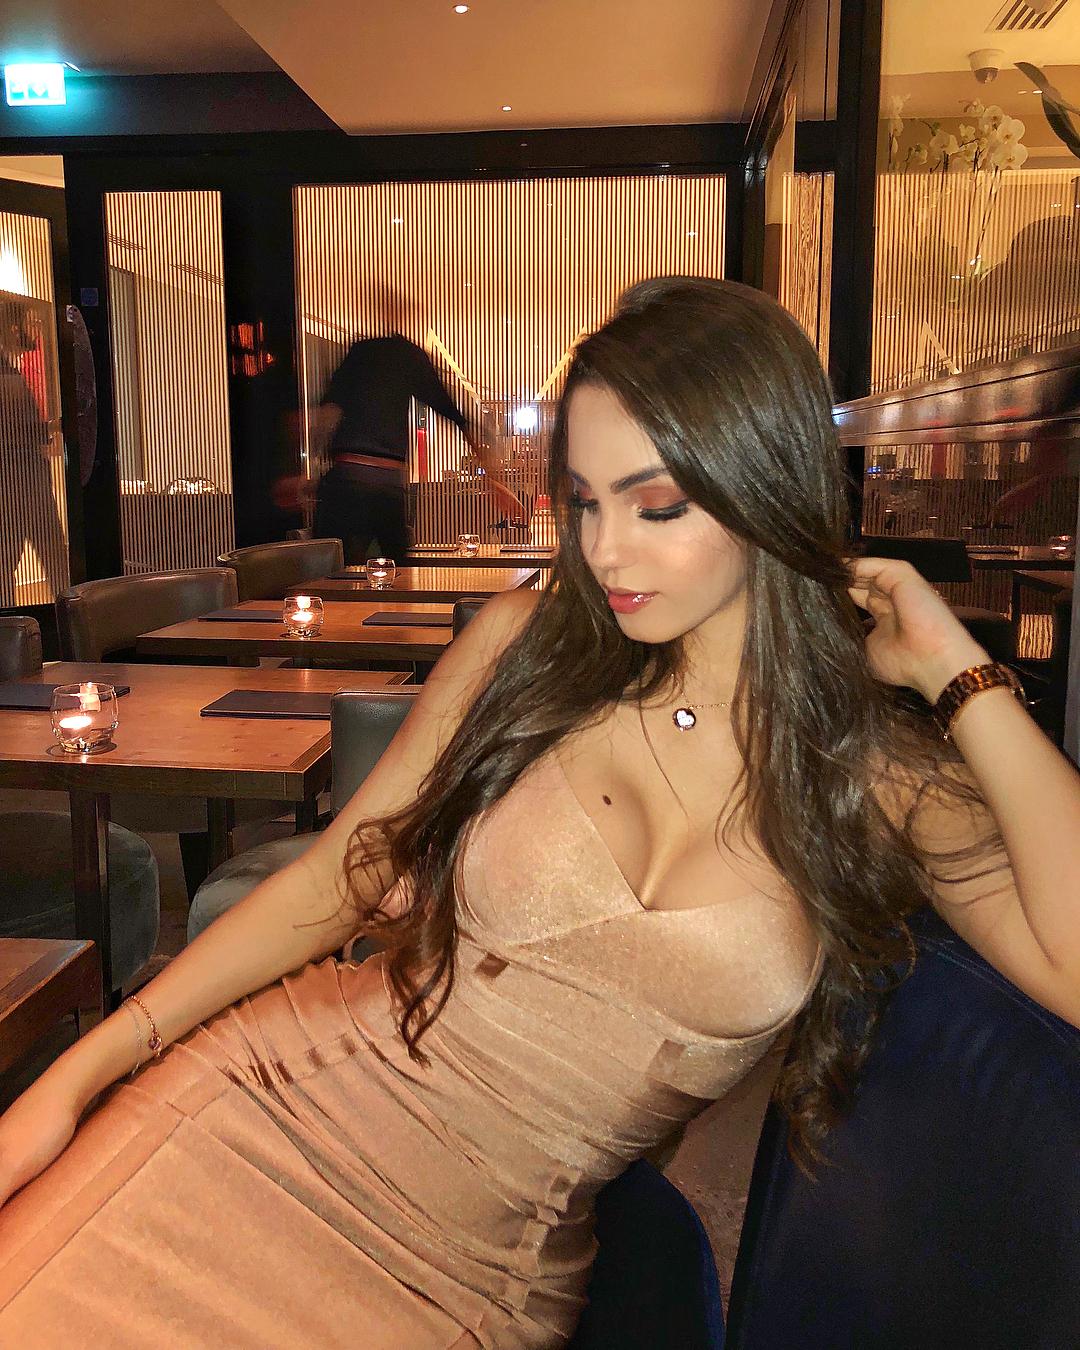 Escort girl in brazil